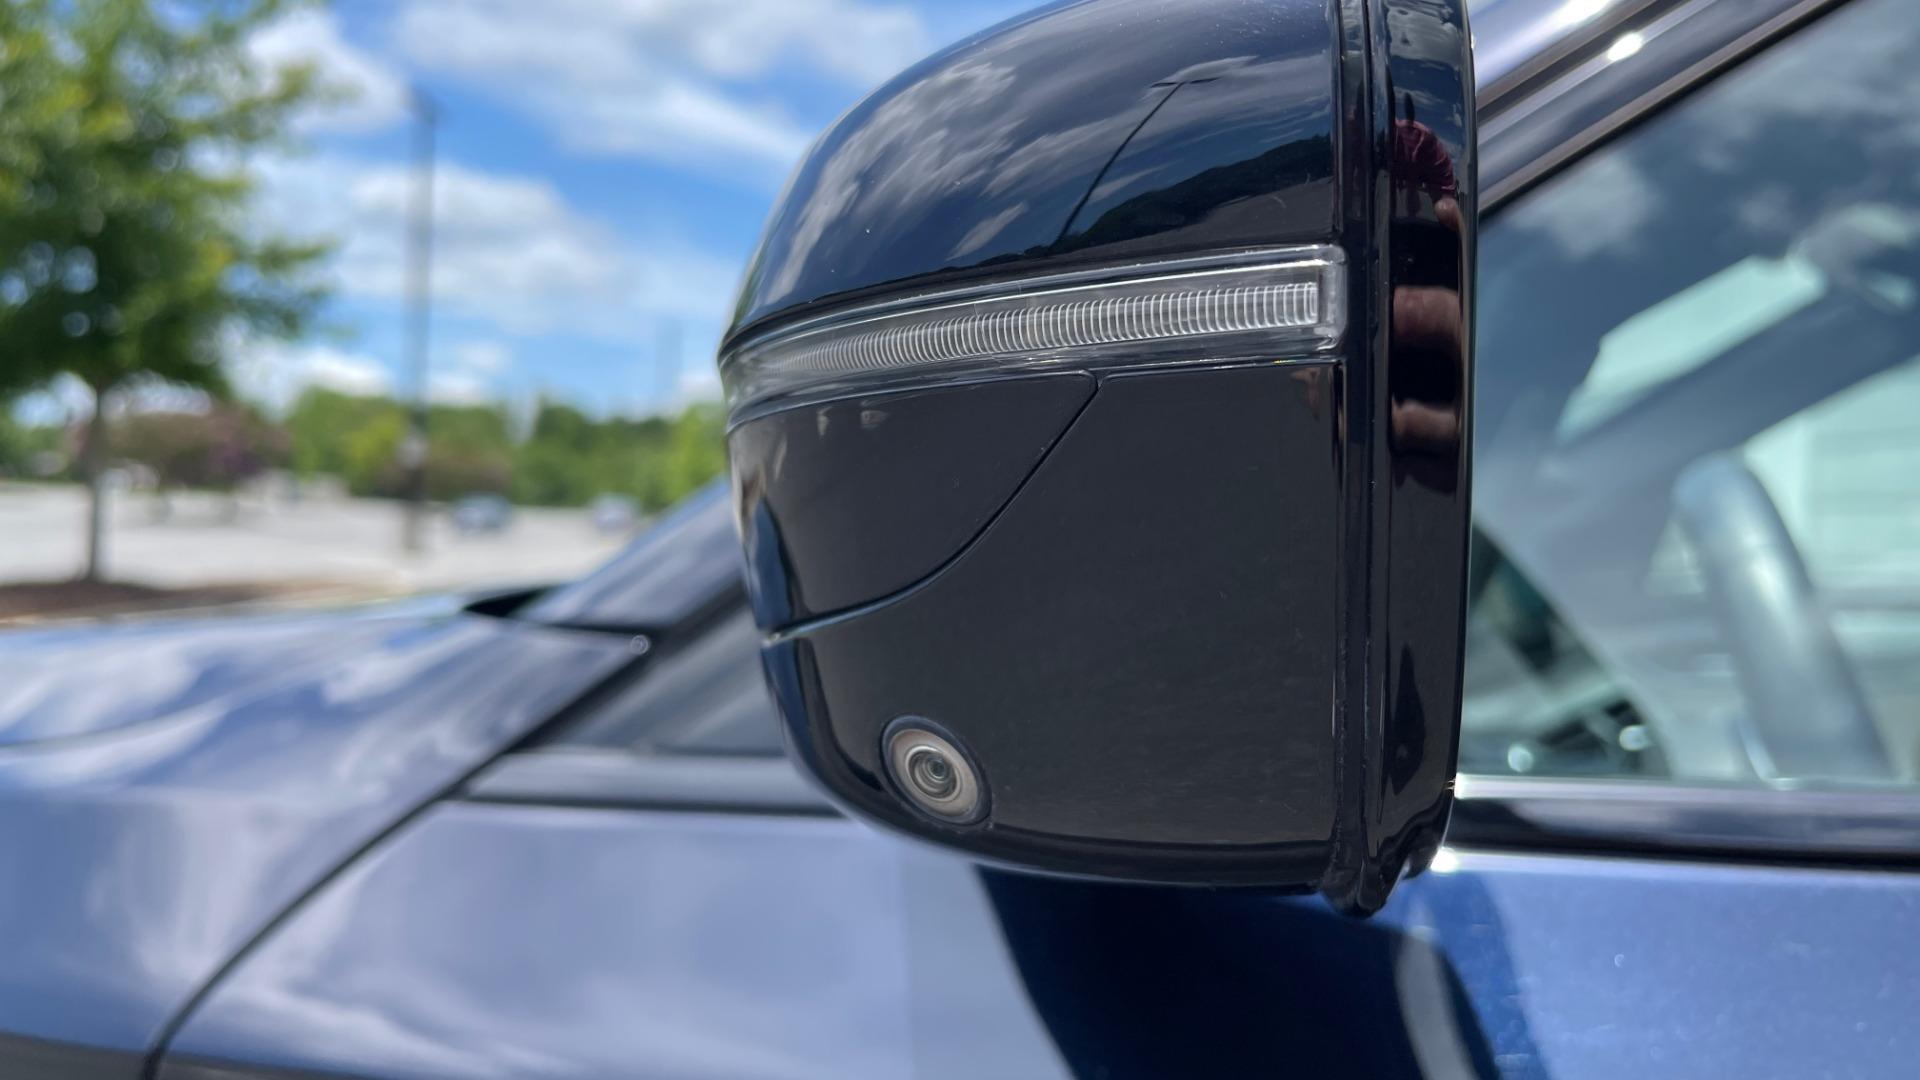 Used 2018 BMW 5 SERIES 540I M-SPORT / EXECUTIVE PKG / DRVR ASST PKG / BLIND SPOT / LANE DEPART for sale $40,995 at Formula Imports in Charlotte NC 28227 10